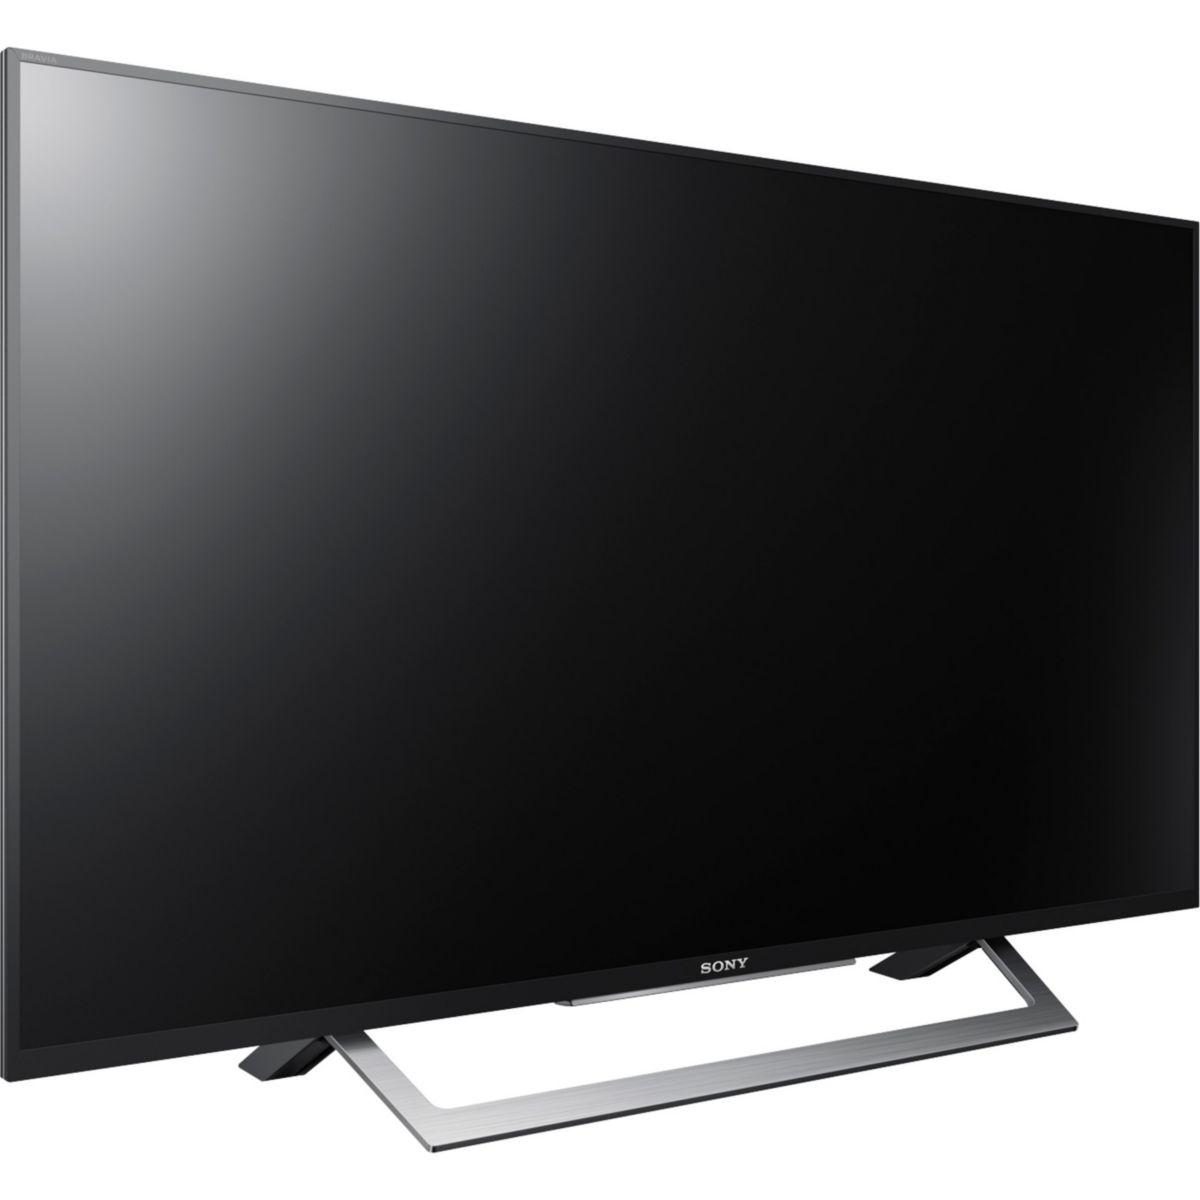 Sony LED-Fernseher KDL-32WD755B